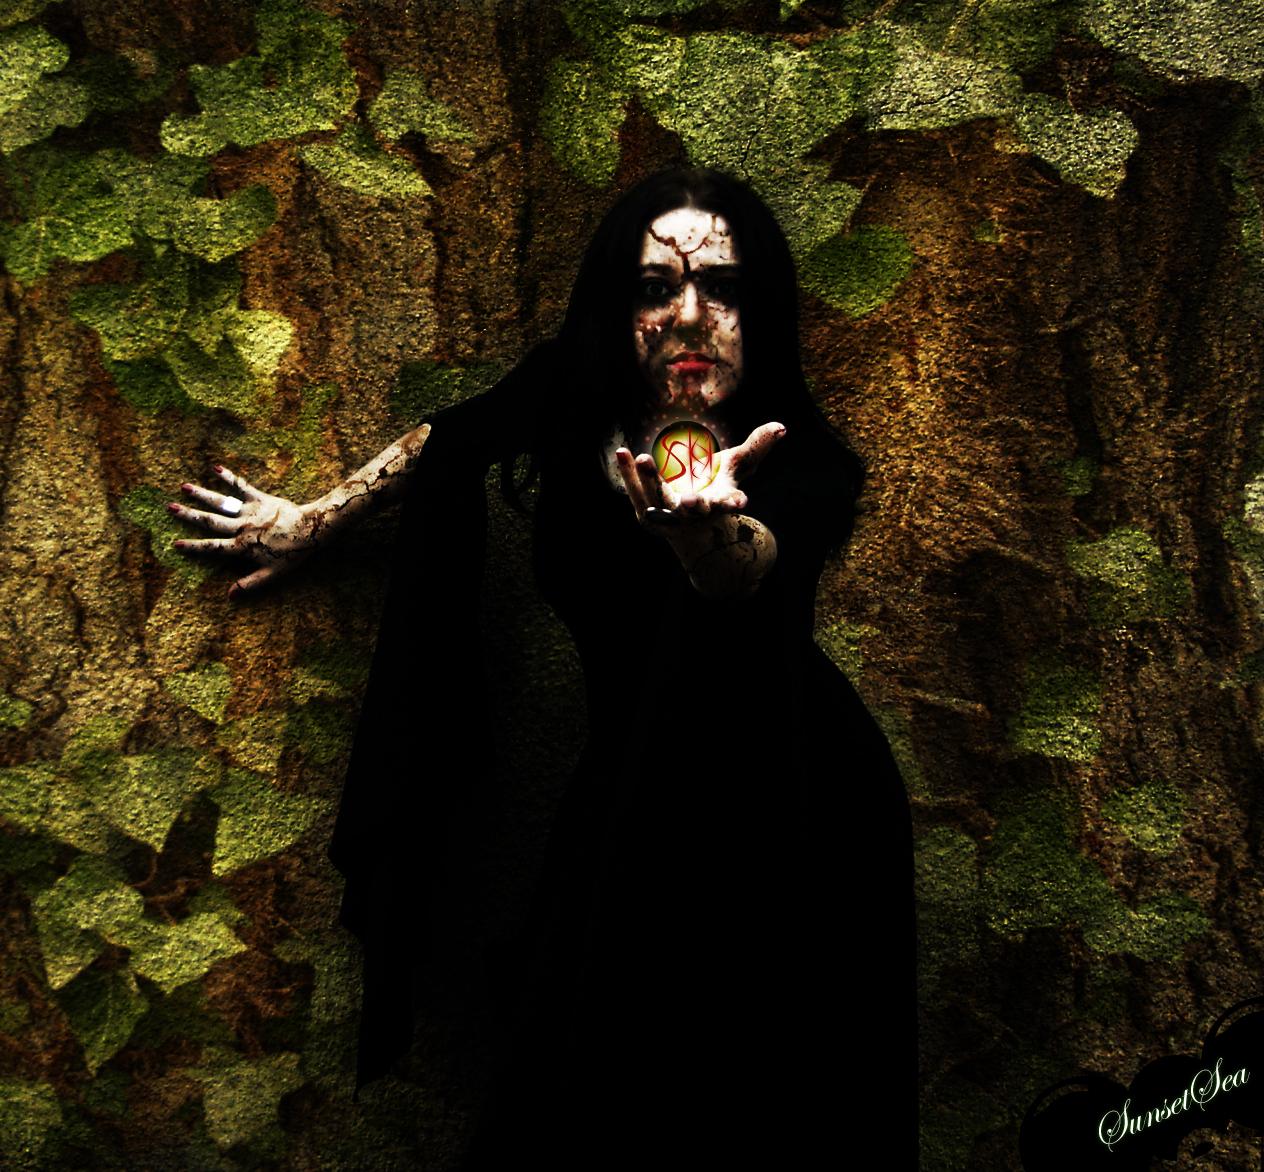 Dark Witch By SunsetSea On DeviantArt